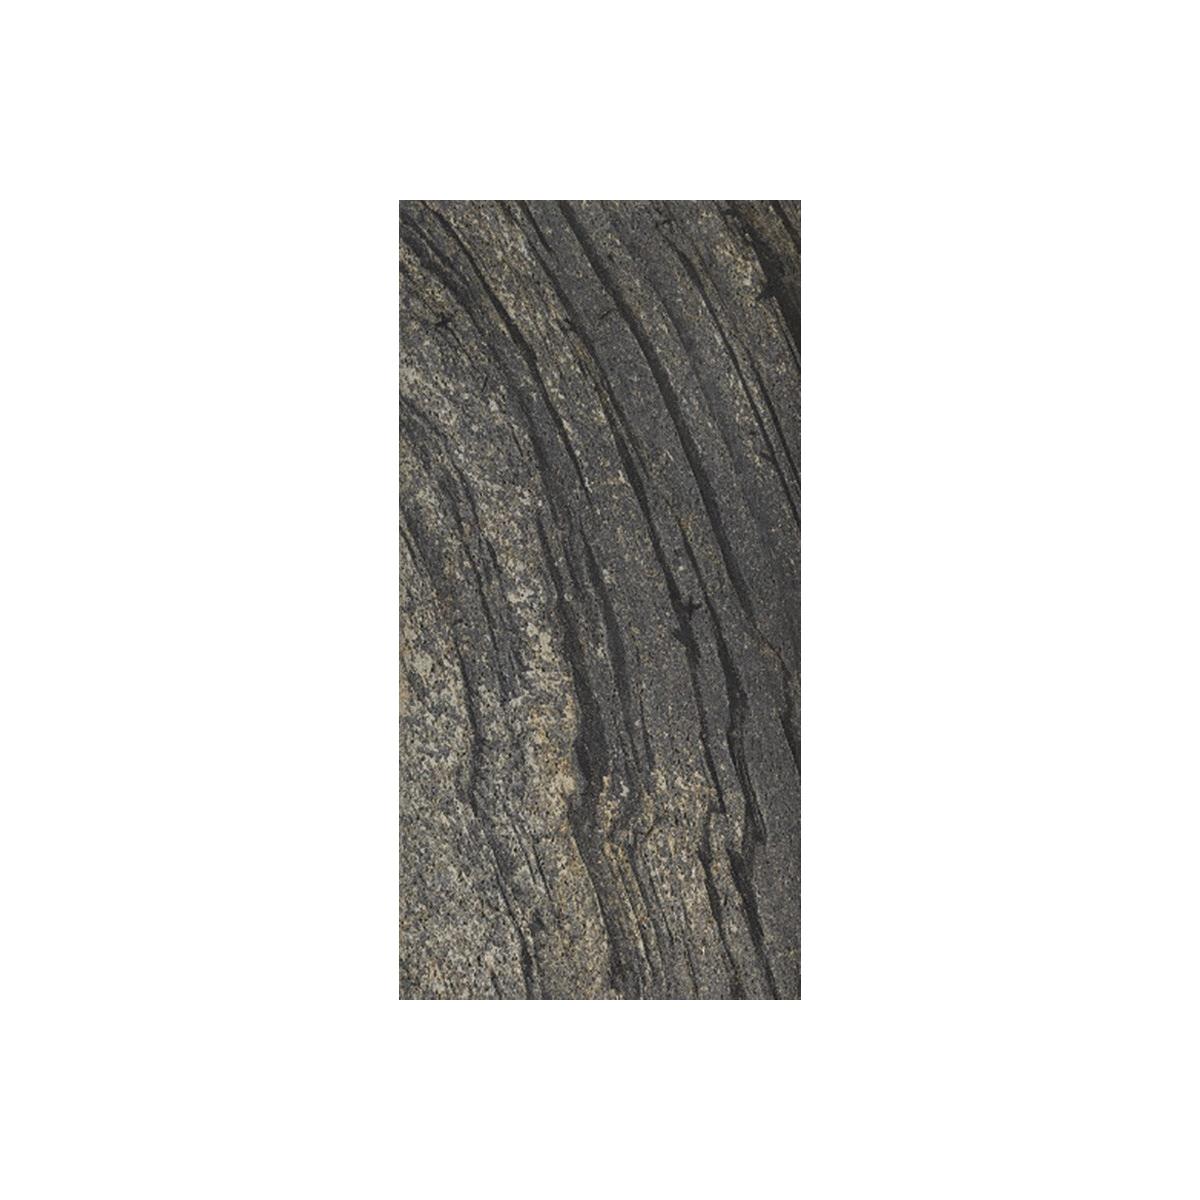 0 Pizarra natural flexible FS6006 / FT3006 (ud)